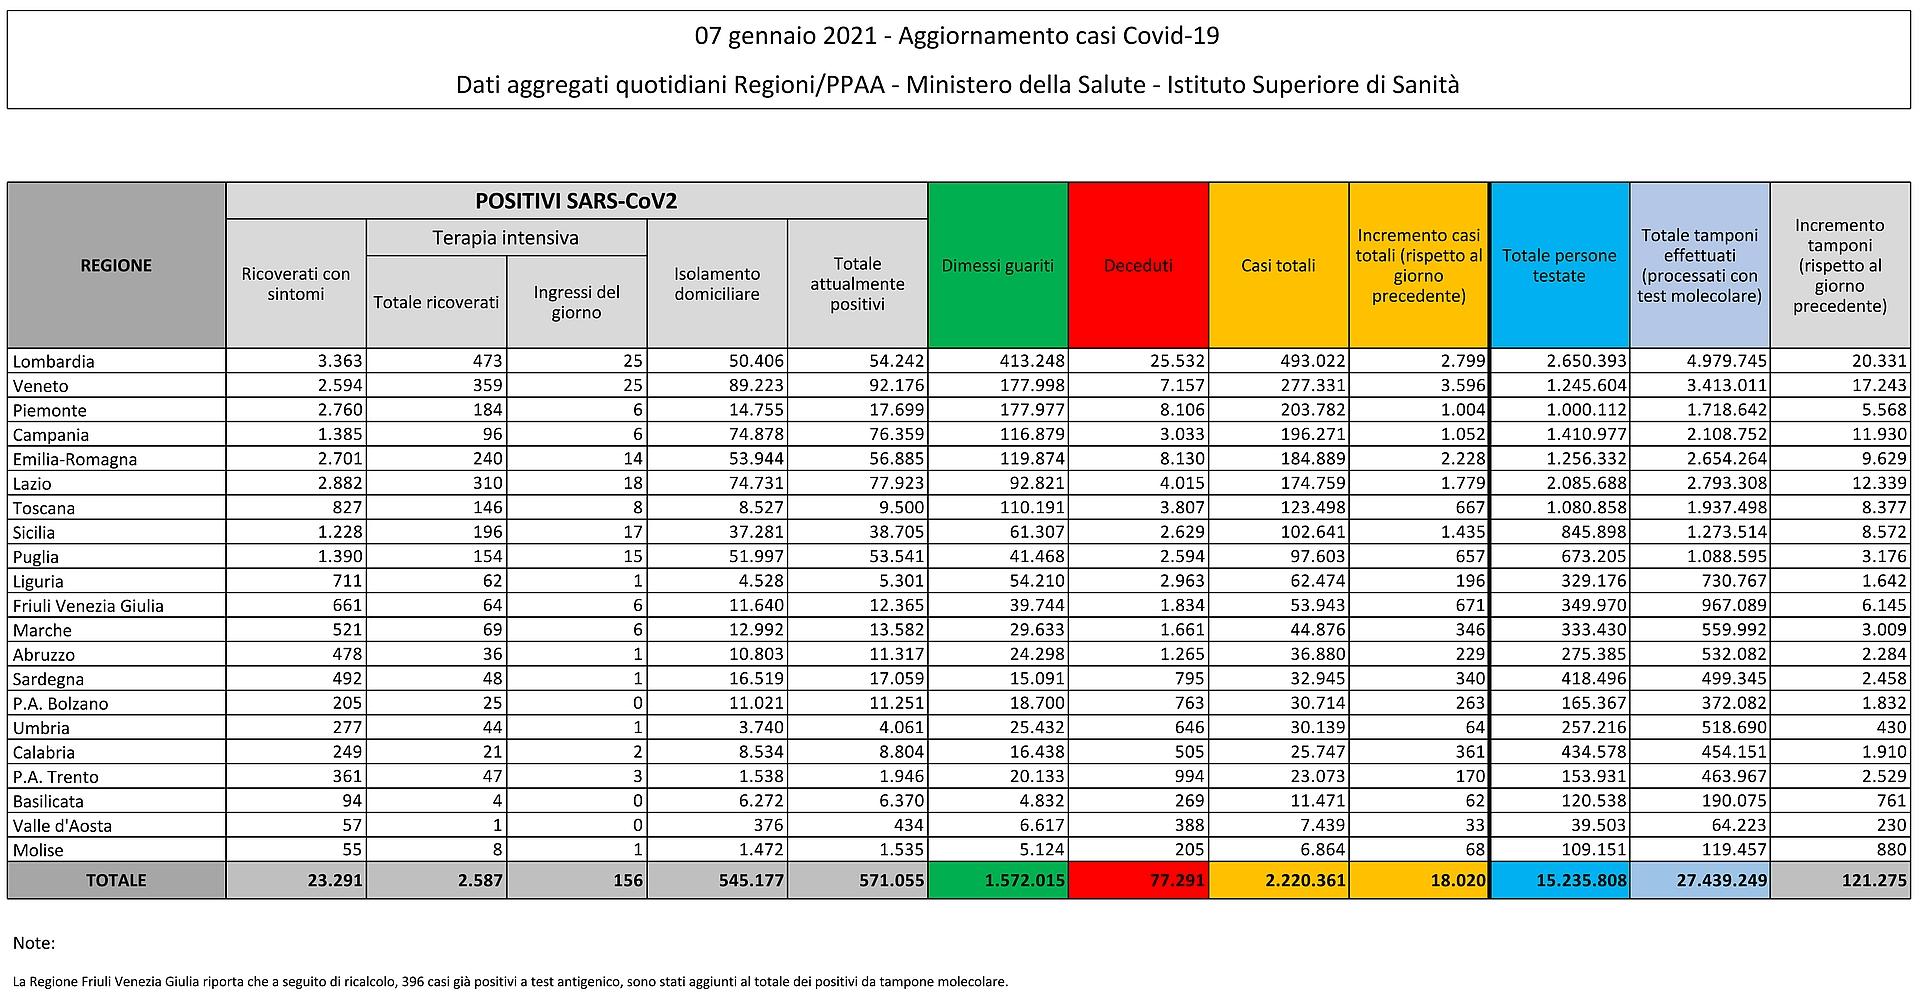 7 gennaio 2021 - Aggiornamento casi Covid-19 Dati aggregati quotidiani Regioni/PPAA - Ministero della Salute - Istituto Superiore di Sanità